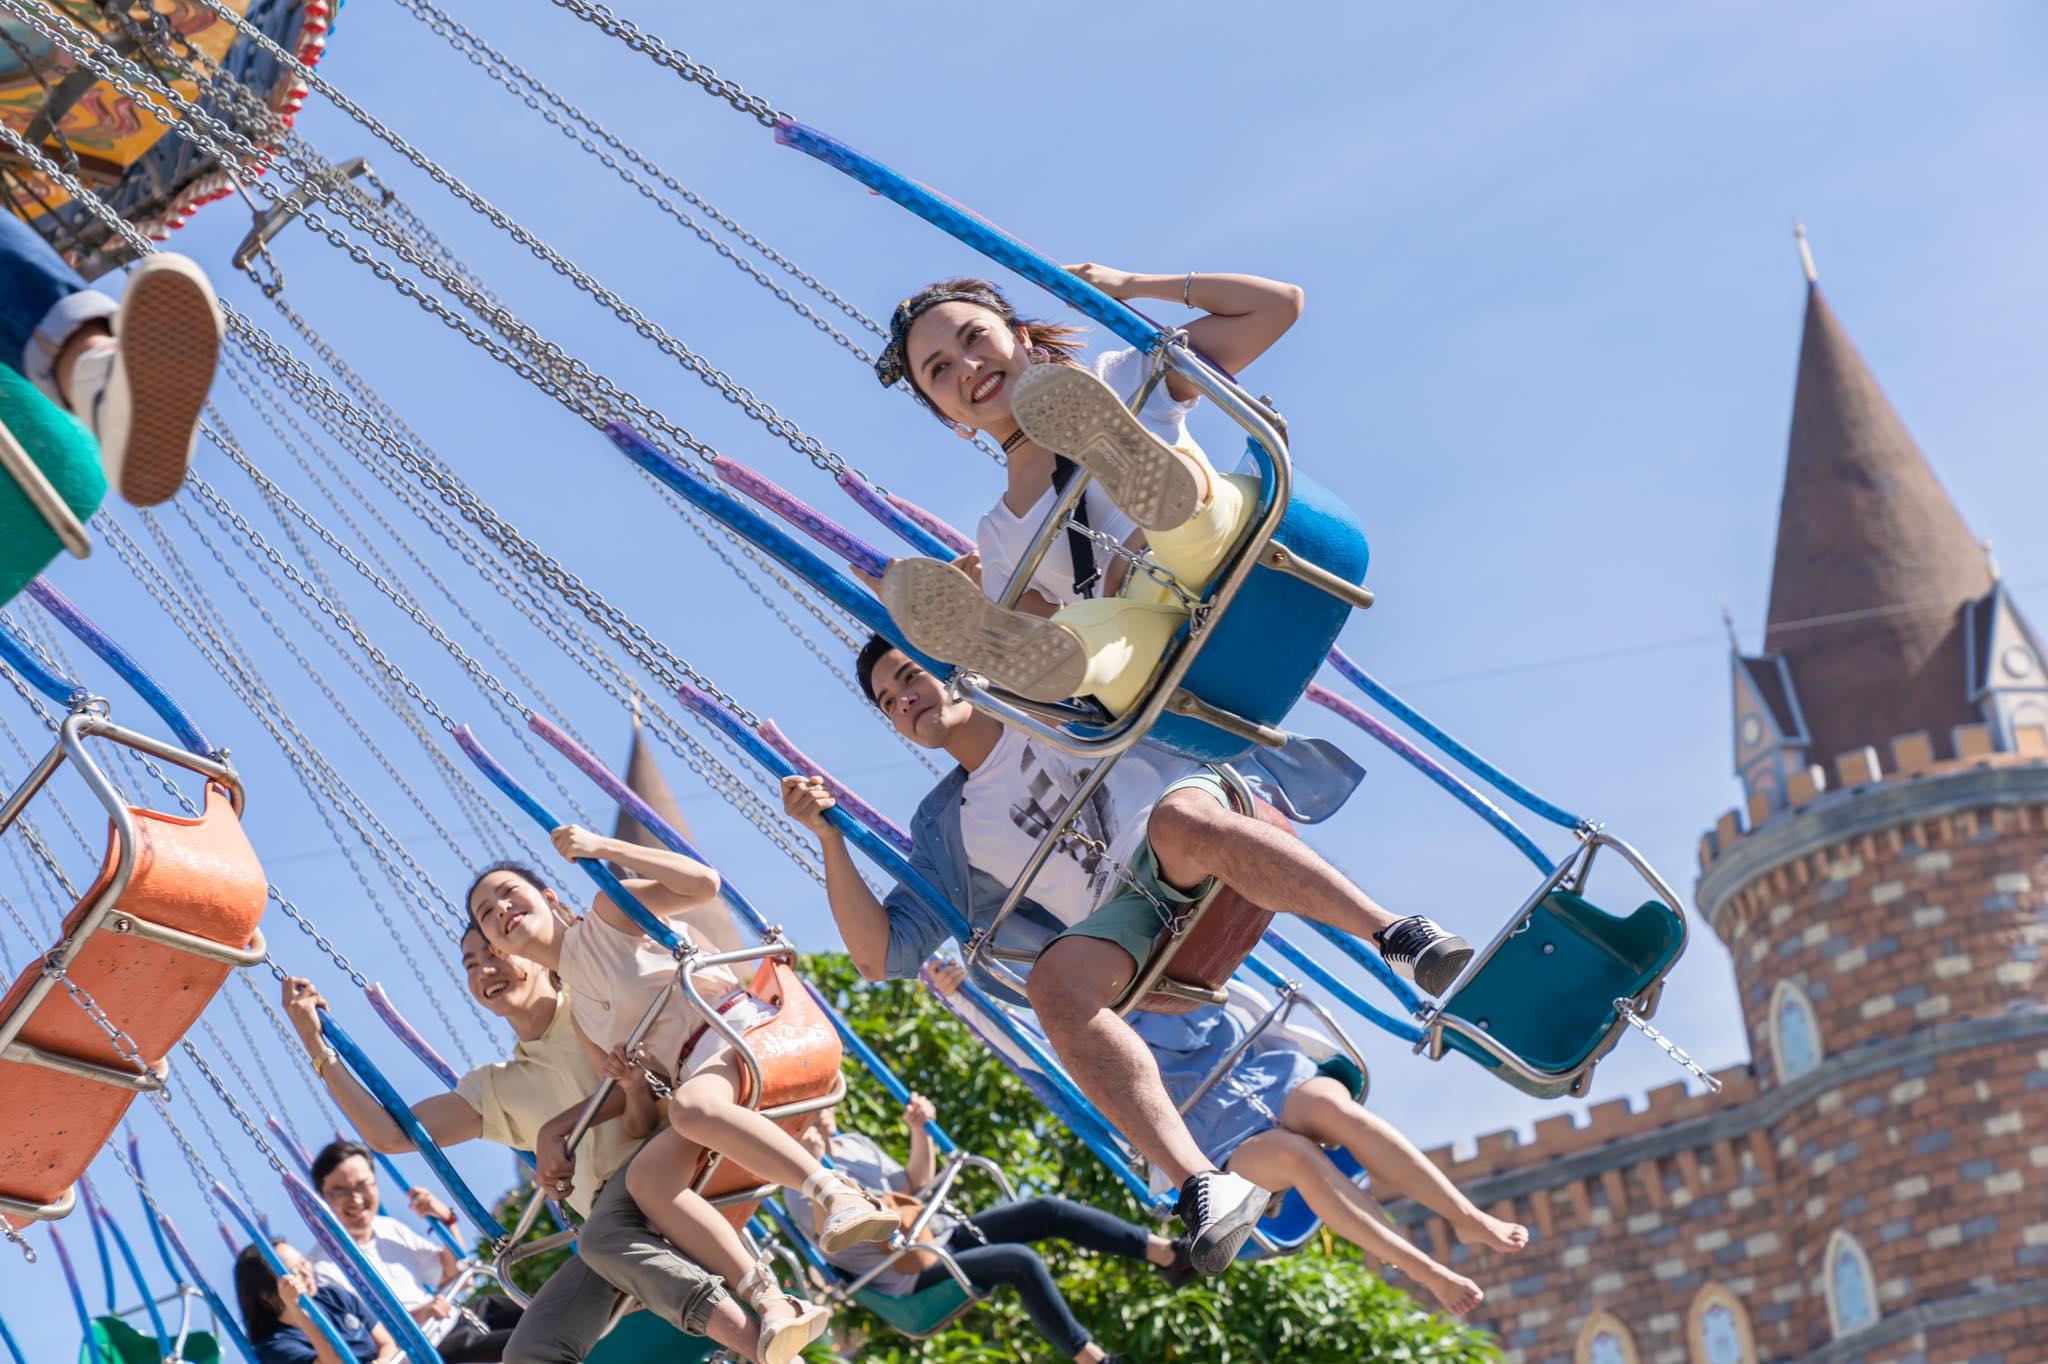 Cập nhật giá vé vào cổng Vinpearl Land Nha Trang: Khuyến mại cực đã trong dịp hè này  - Ảnh 6.